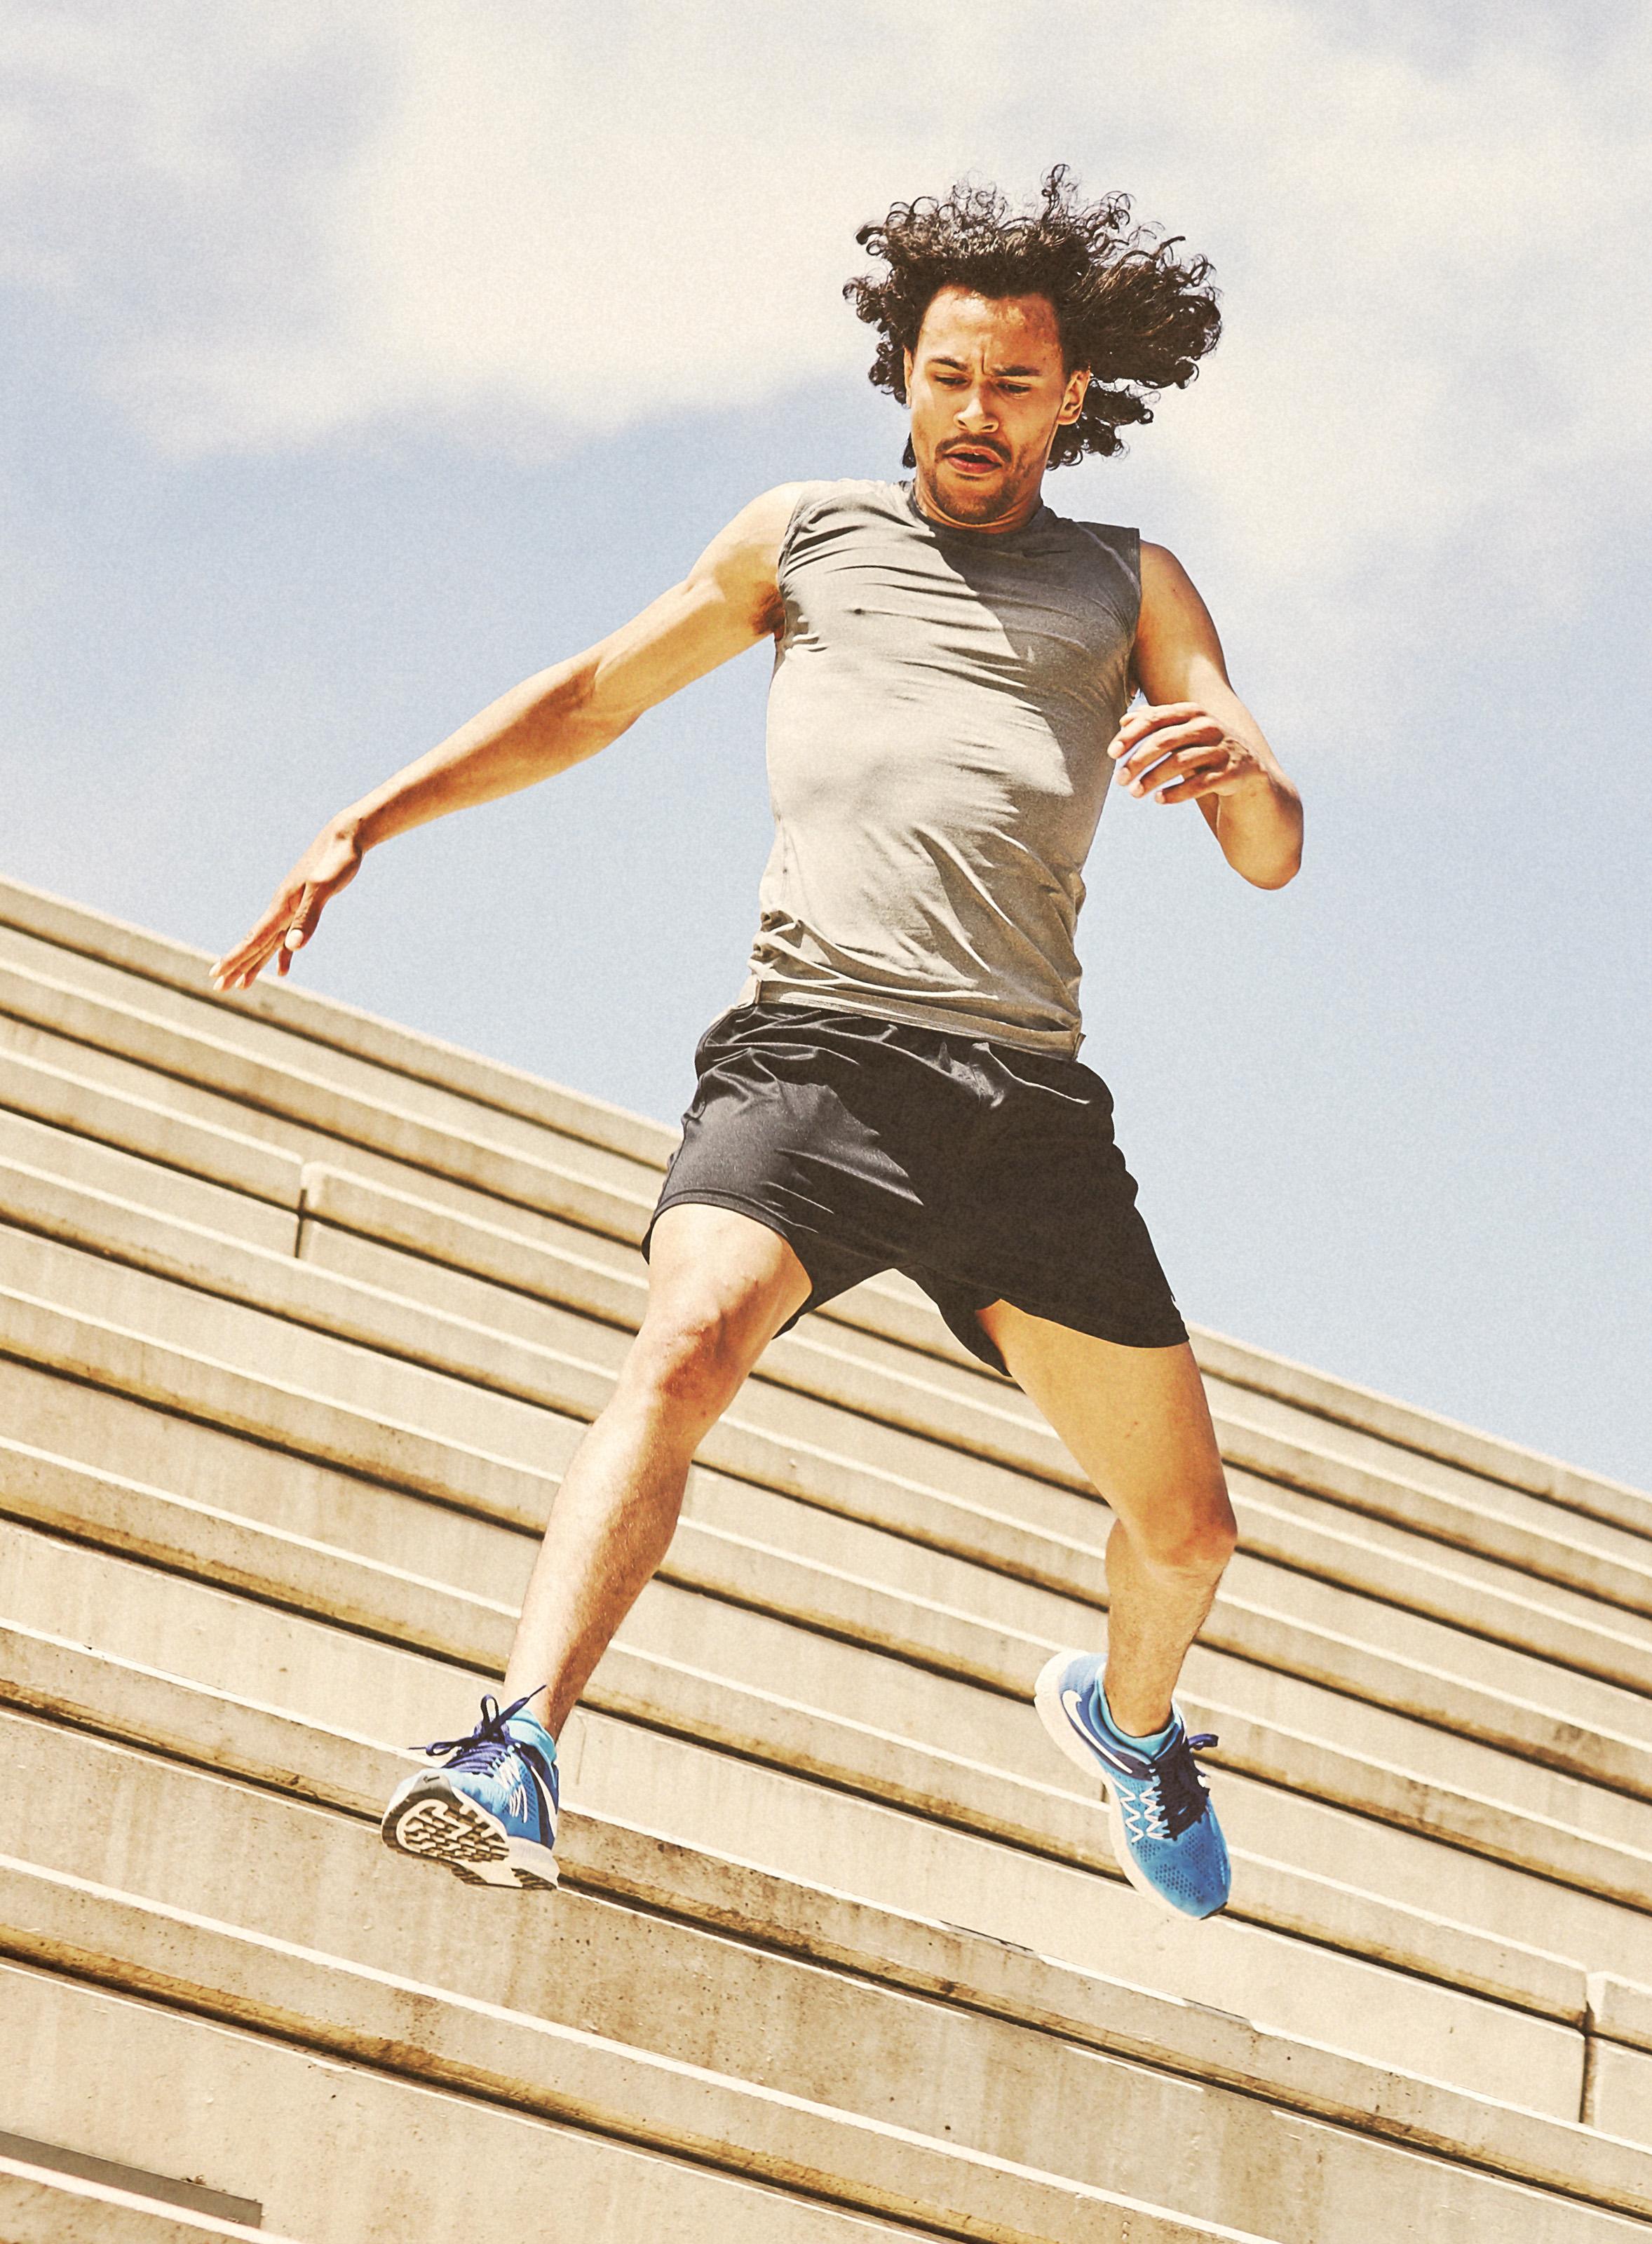 athlete running down stairs